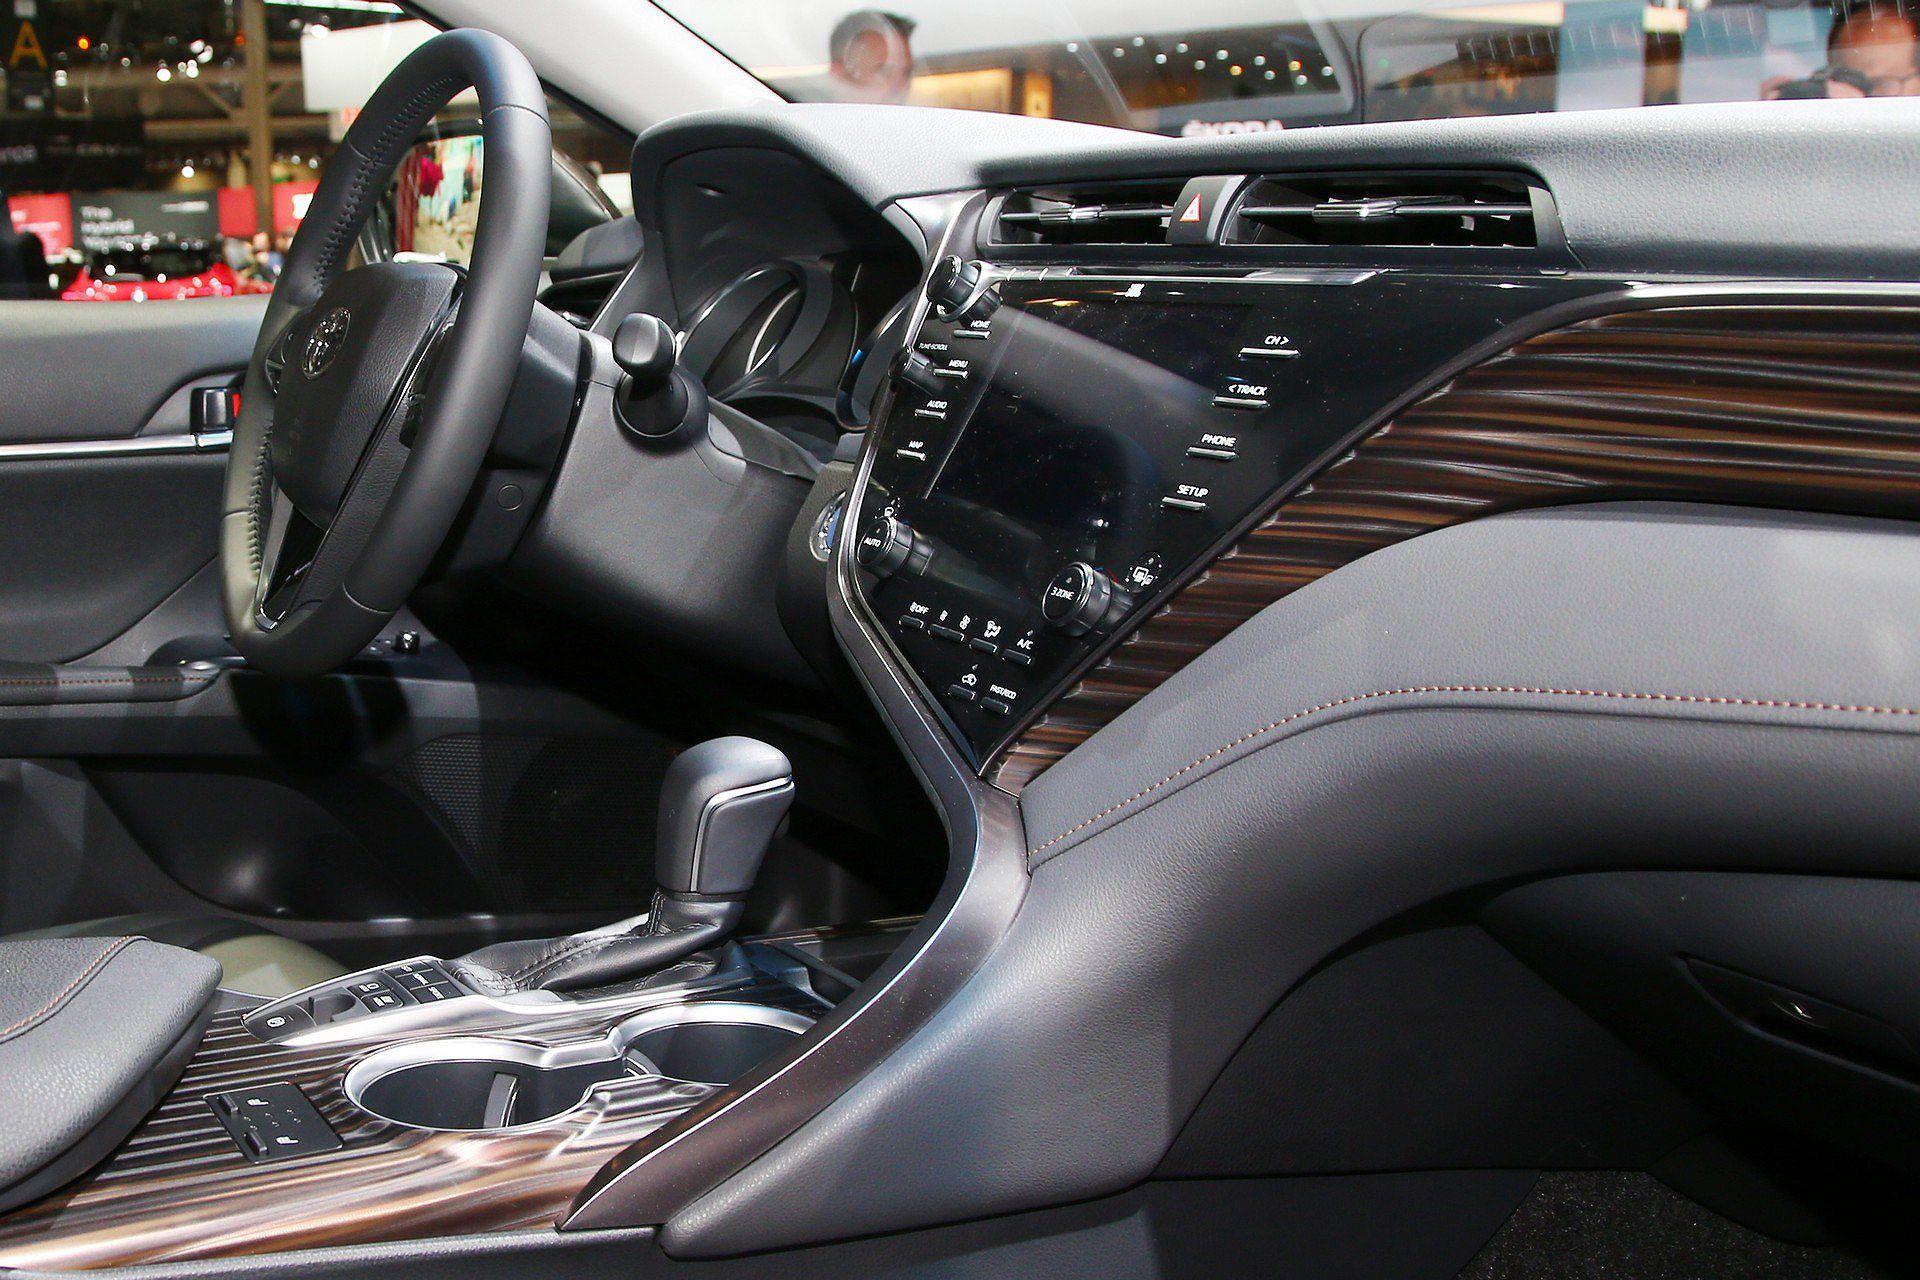 Toyota Camry Hybrid trở lại châu Âu sau 14 năm vắng bóng Ảnh 7